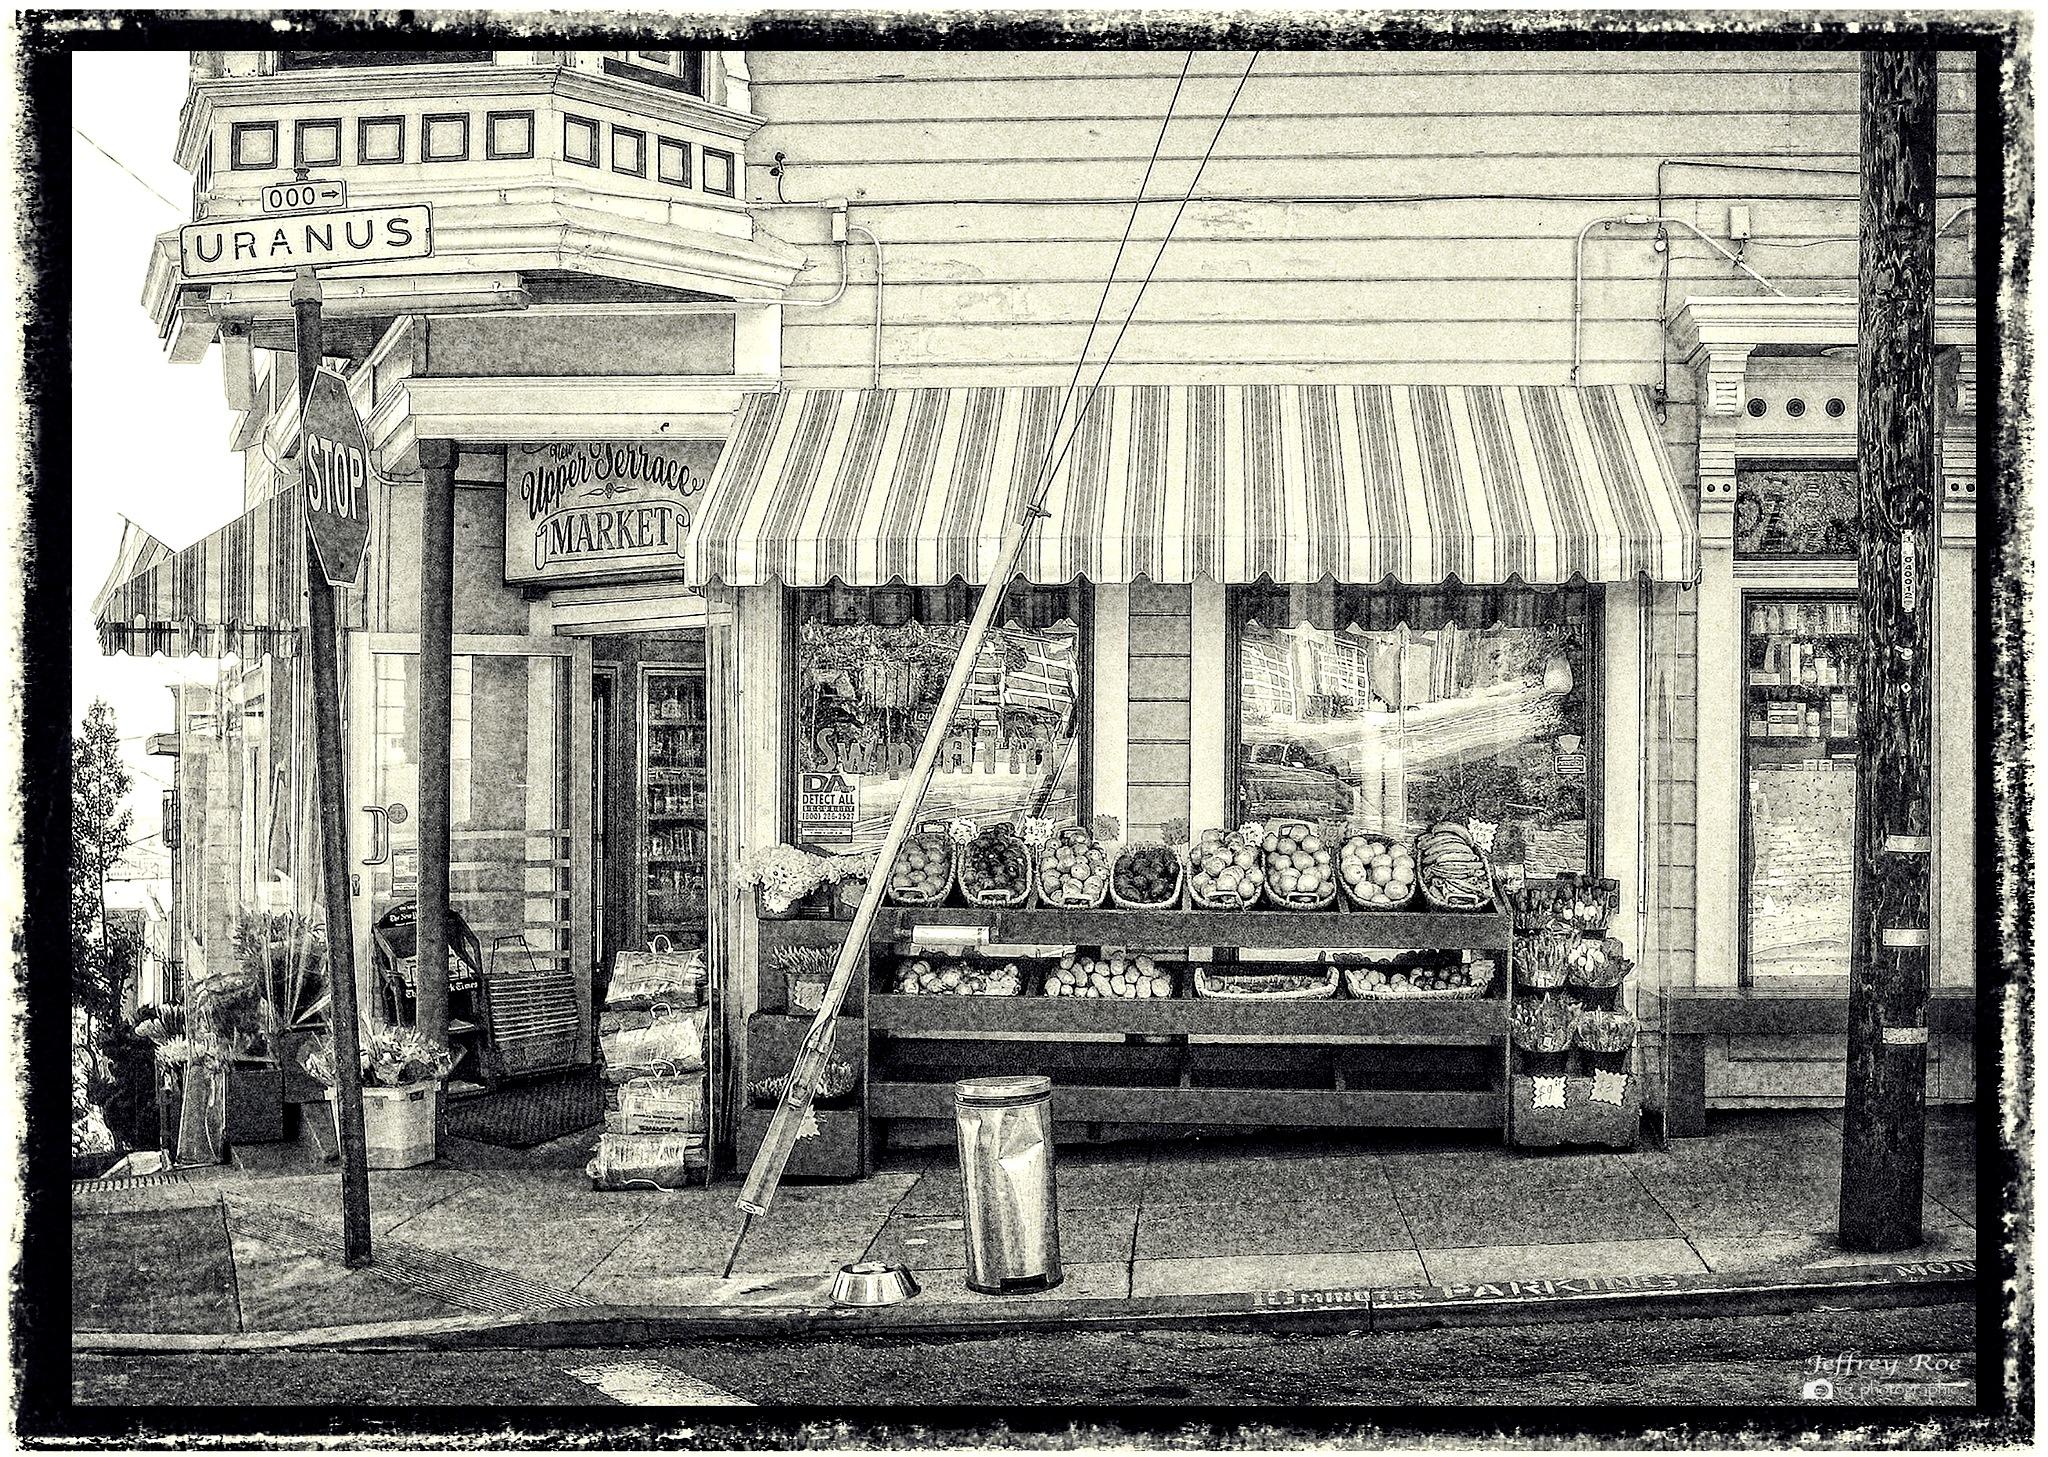 Upper Terrace Market (adult joke included in description) by Jeffrey Roe